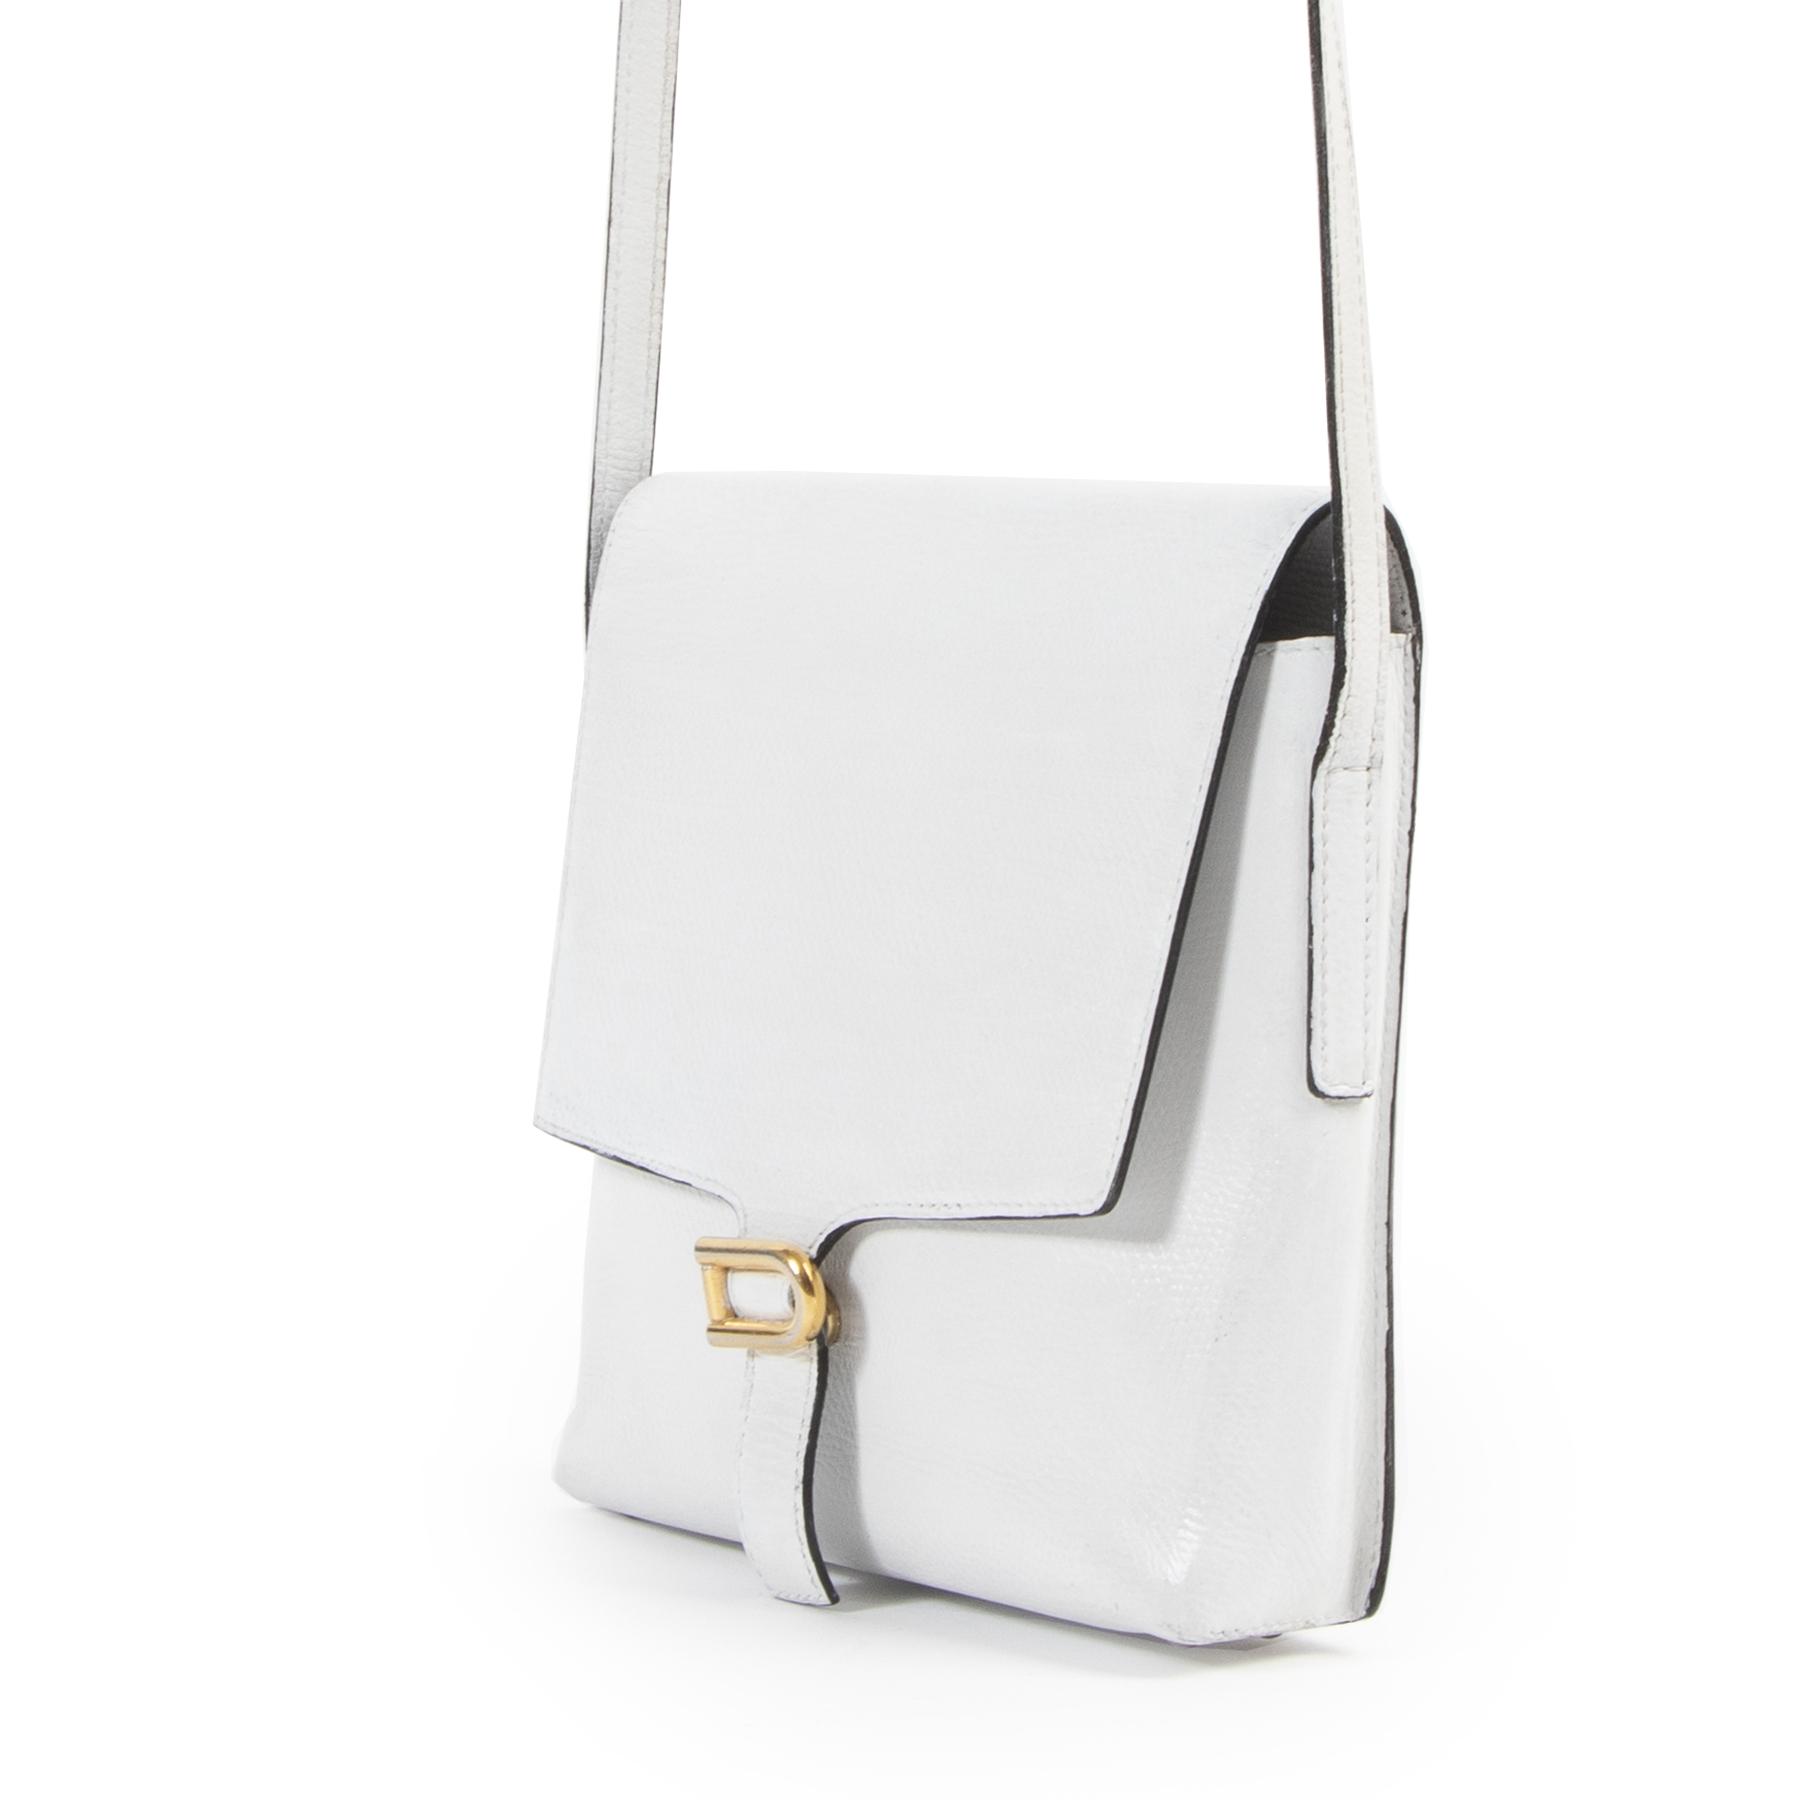 acheter en linge seconde main Delvaux White Crossbody Bag